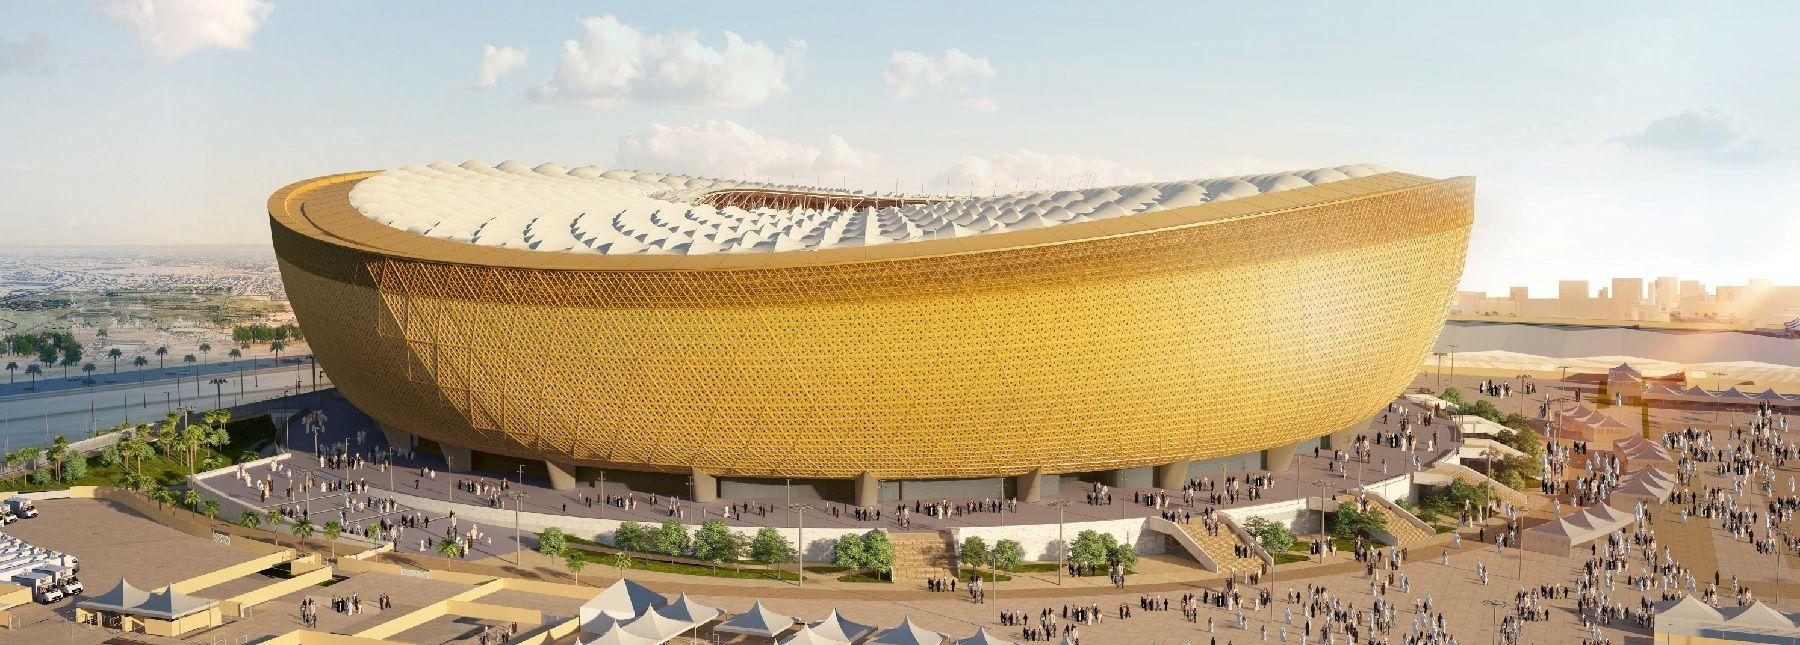 Lusail Iconic Stadium Seating Map